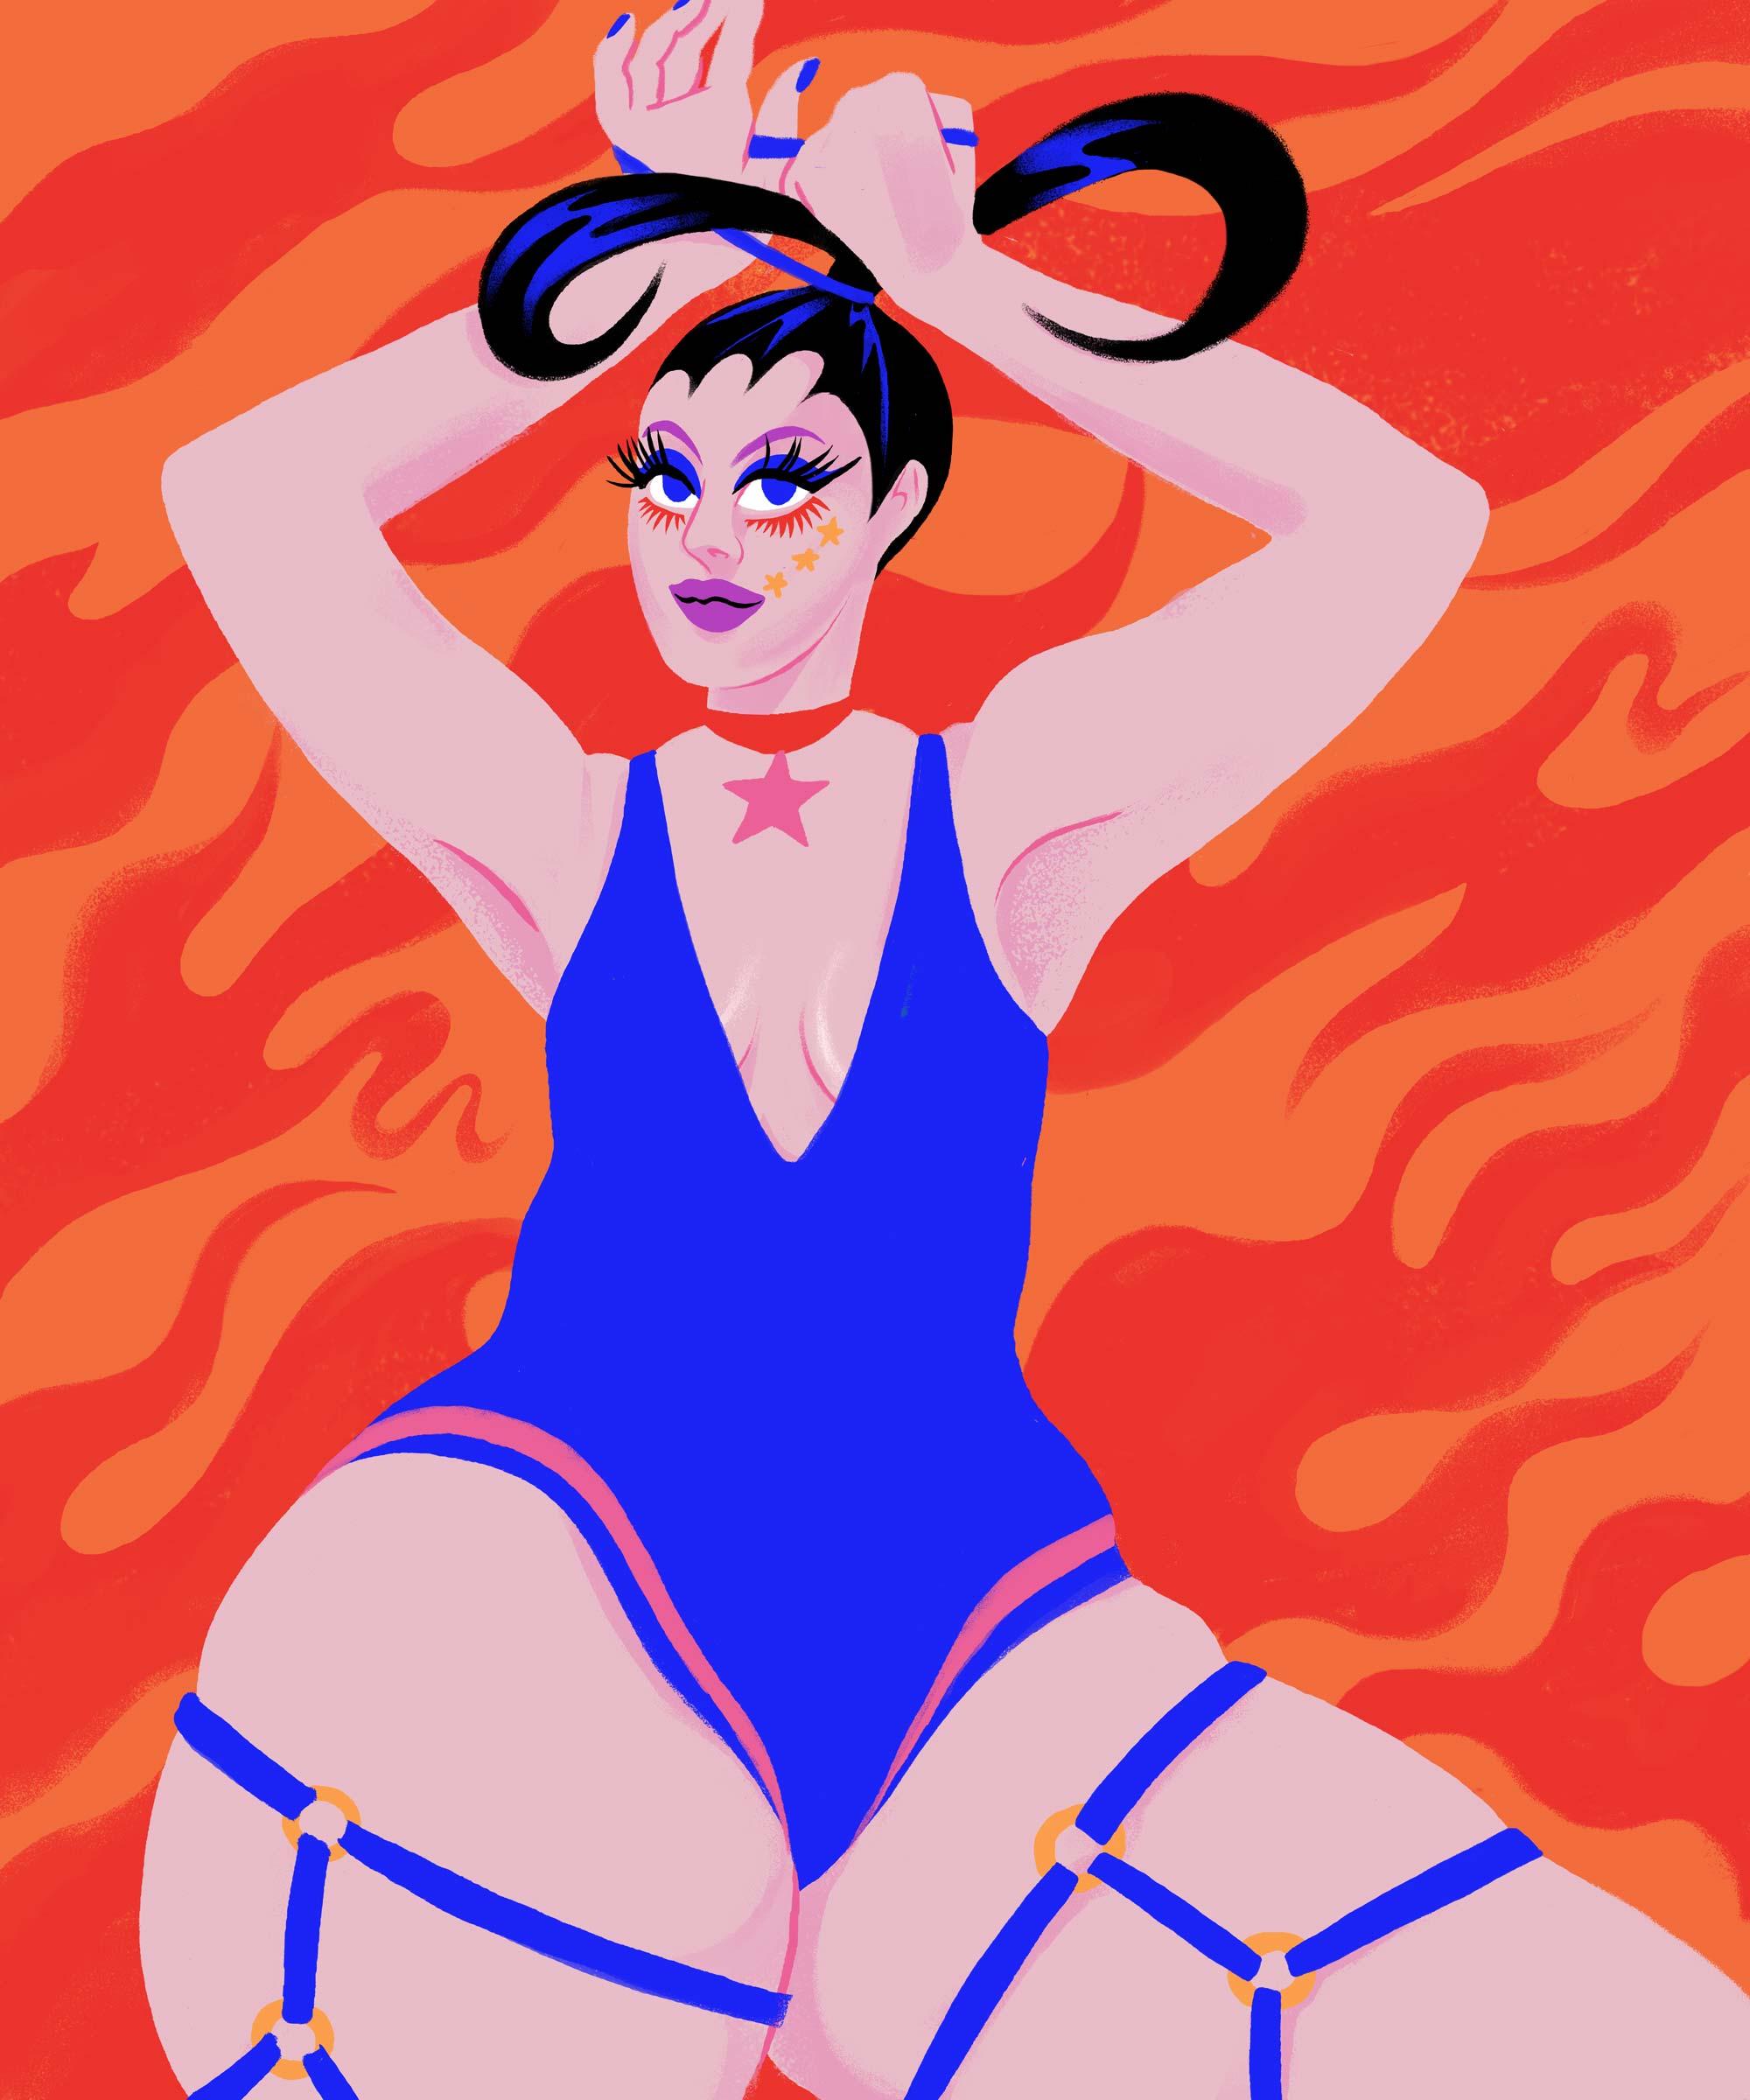 Dein Sexhoroskop 2020: So stehen die Sterne in Sachen Erotik